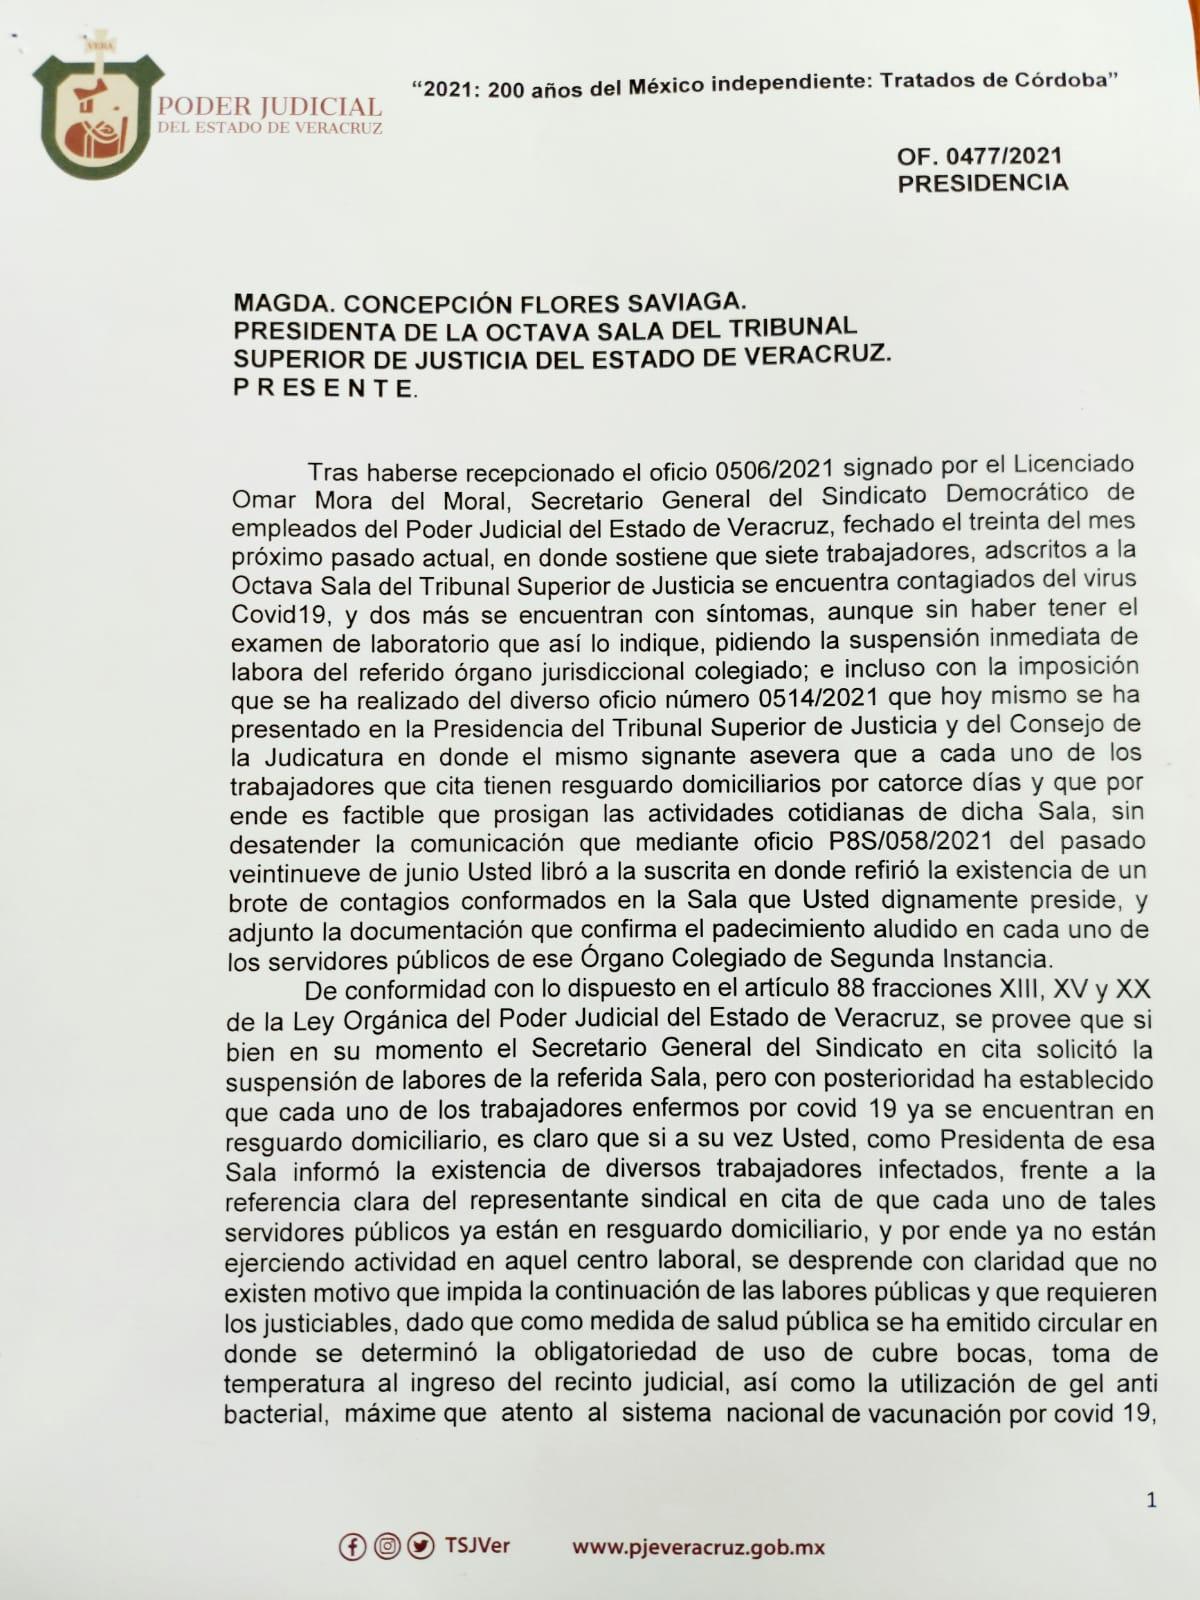 Brote de contagios de Covid-19 en Octava Sala del TSJ; Isabel Romero se niega a suspender actividades